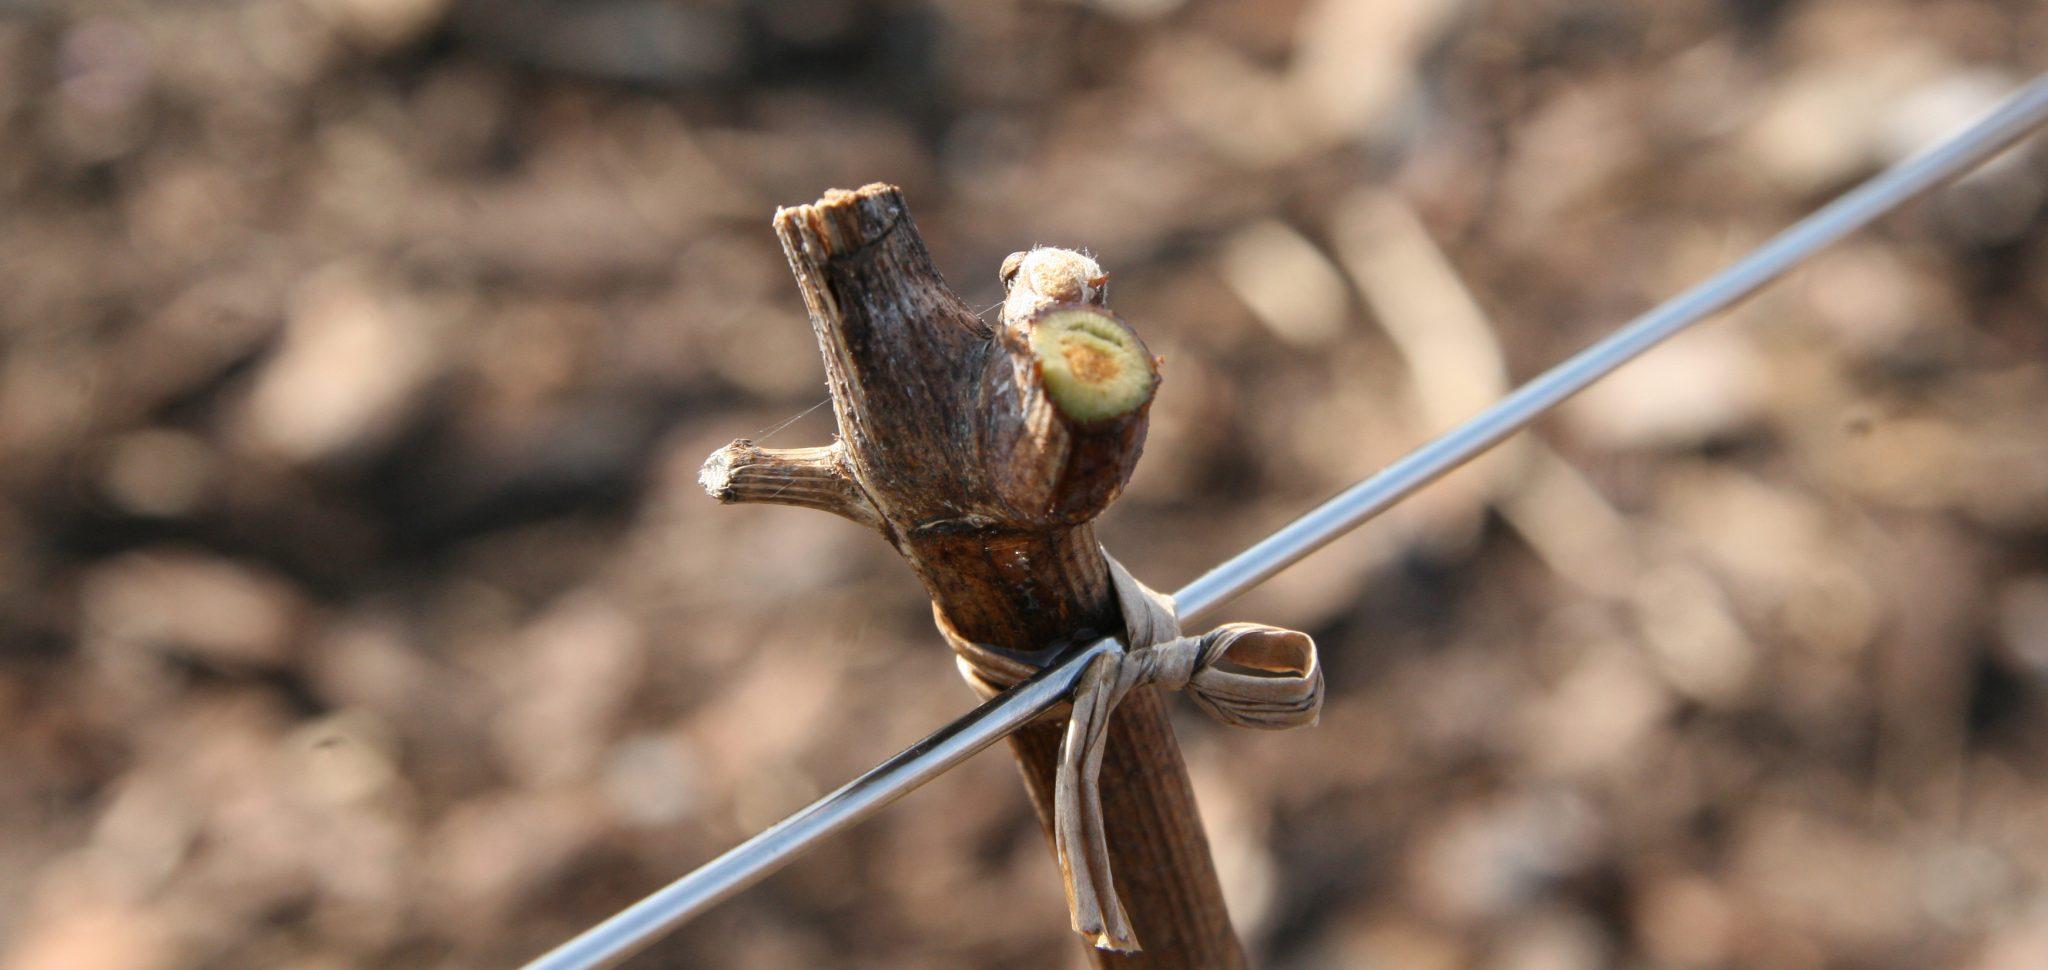 Beskärning av en vinranka som är planterad i marken och jorden